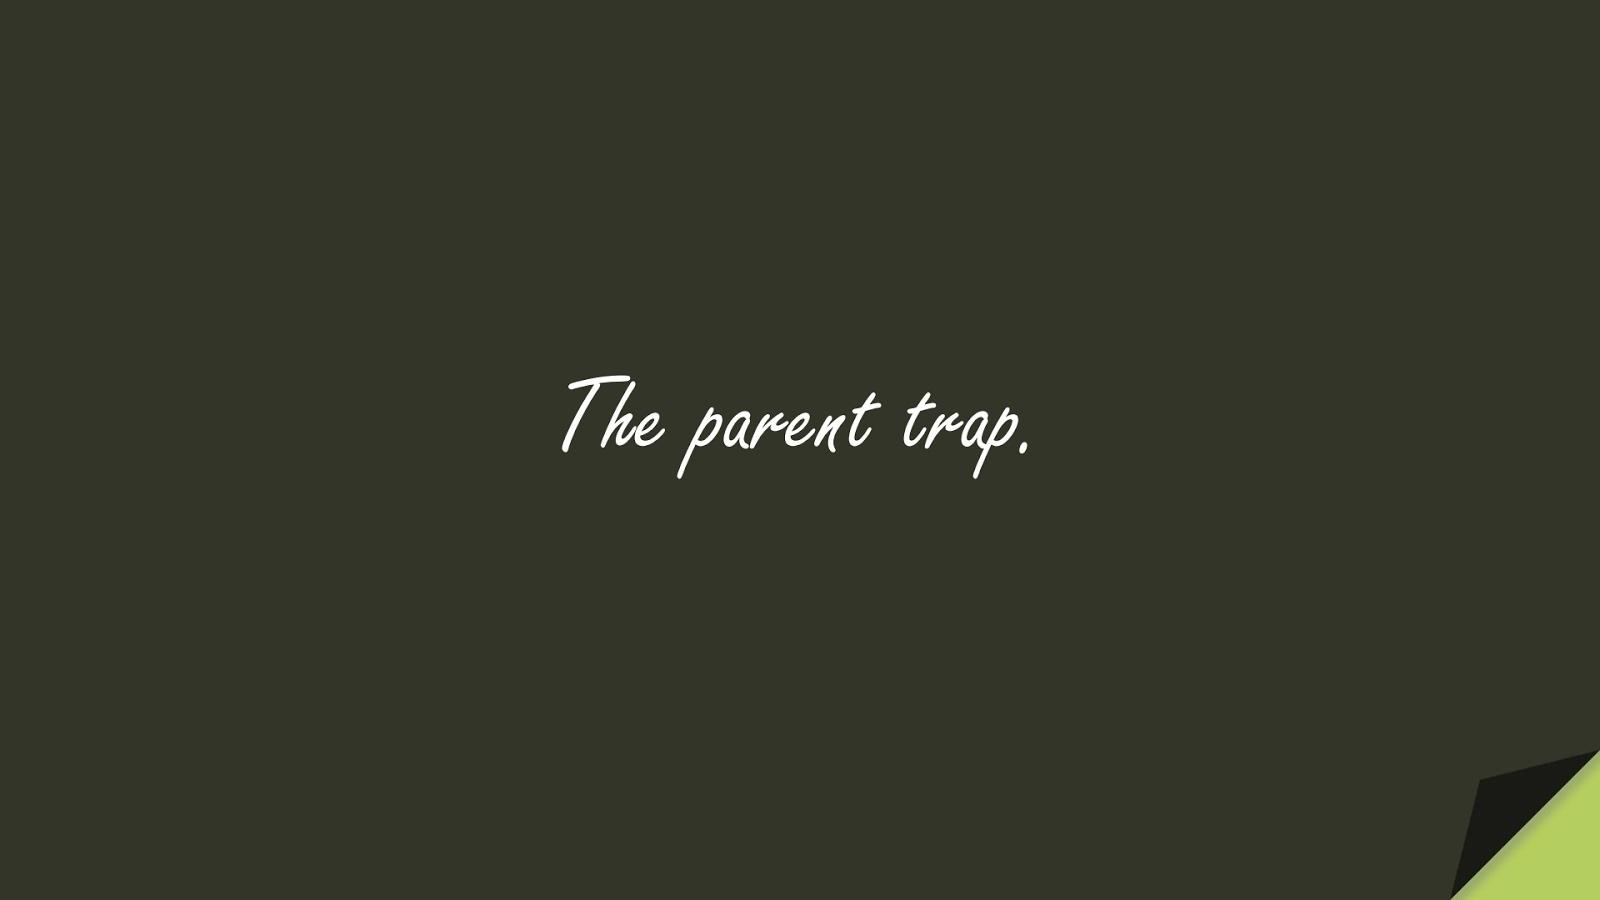 The parent trap.FALSE